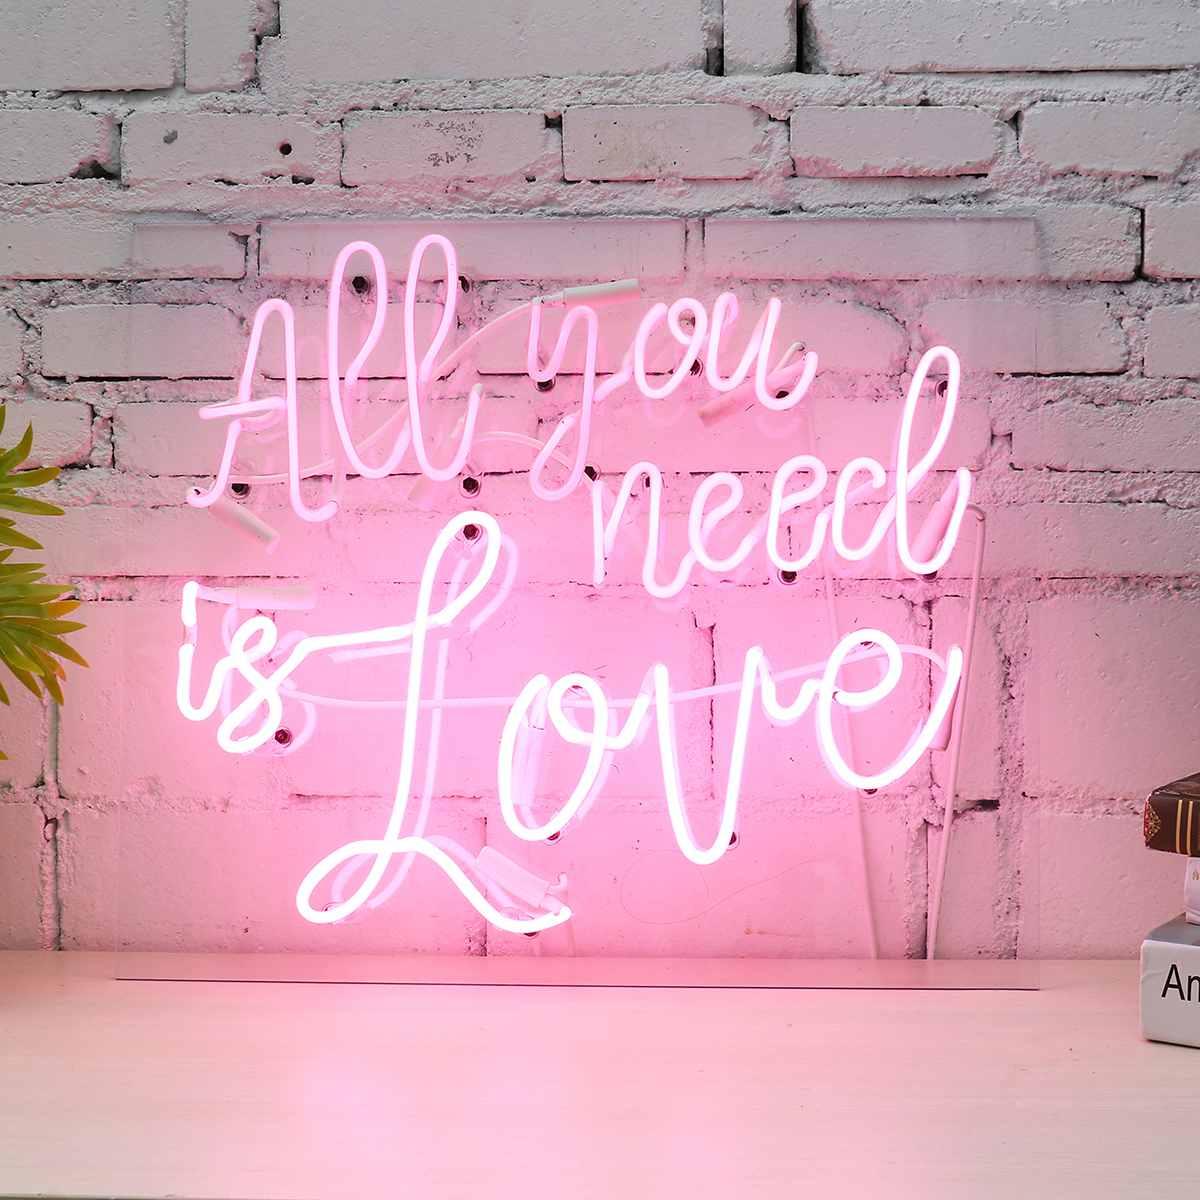 Все, что вам нужно, это неоновая вывеска для любви, LED визуальное художественное оформление, бар, клуб, настенный светильник, лампа на День св